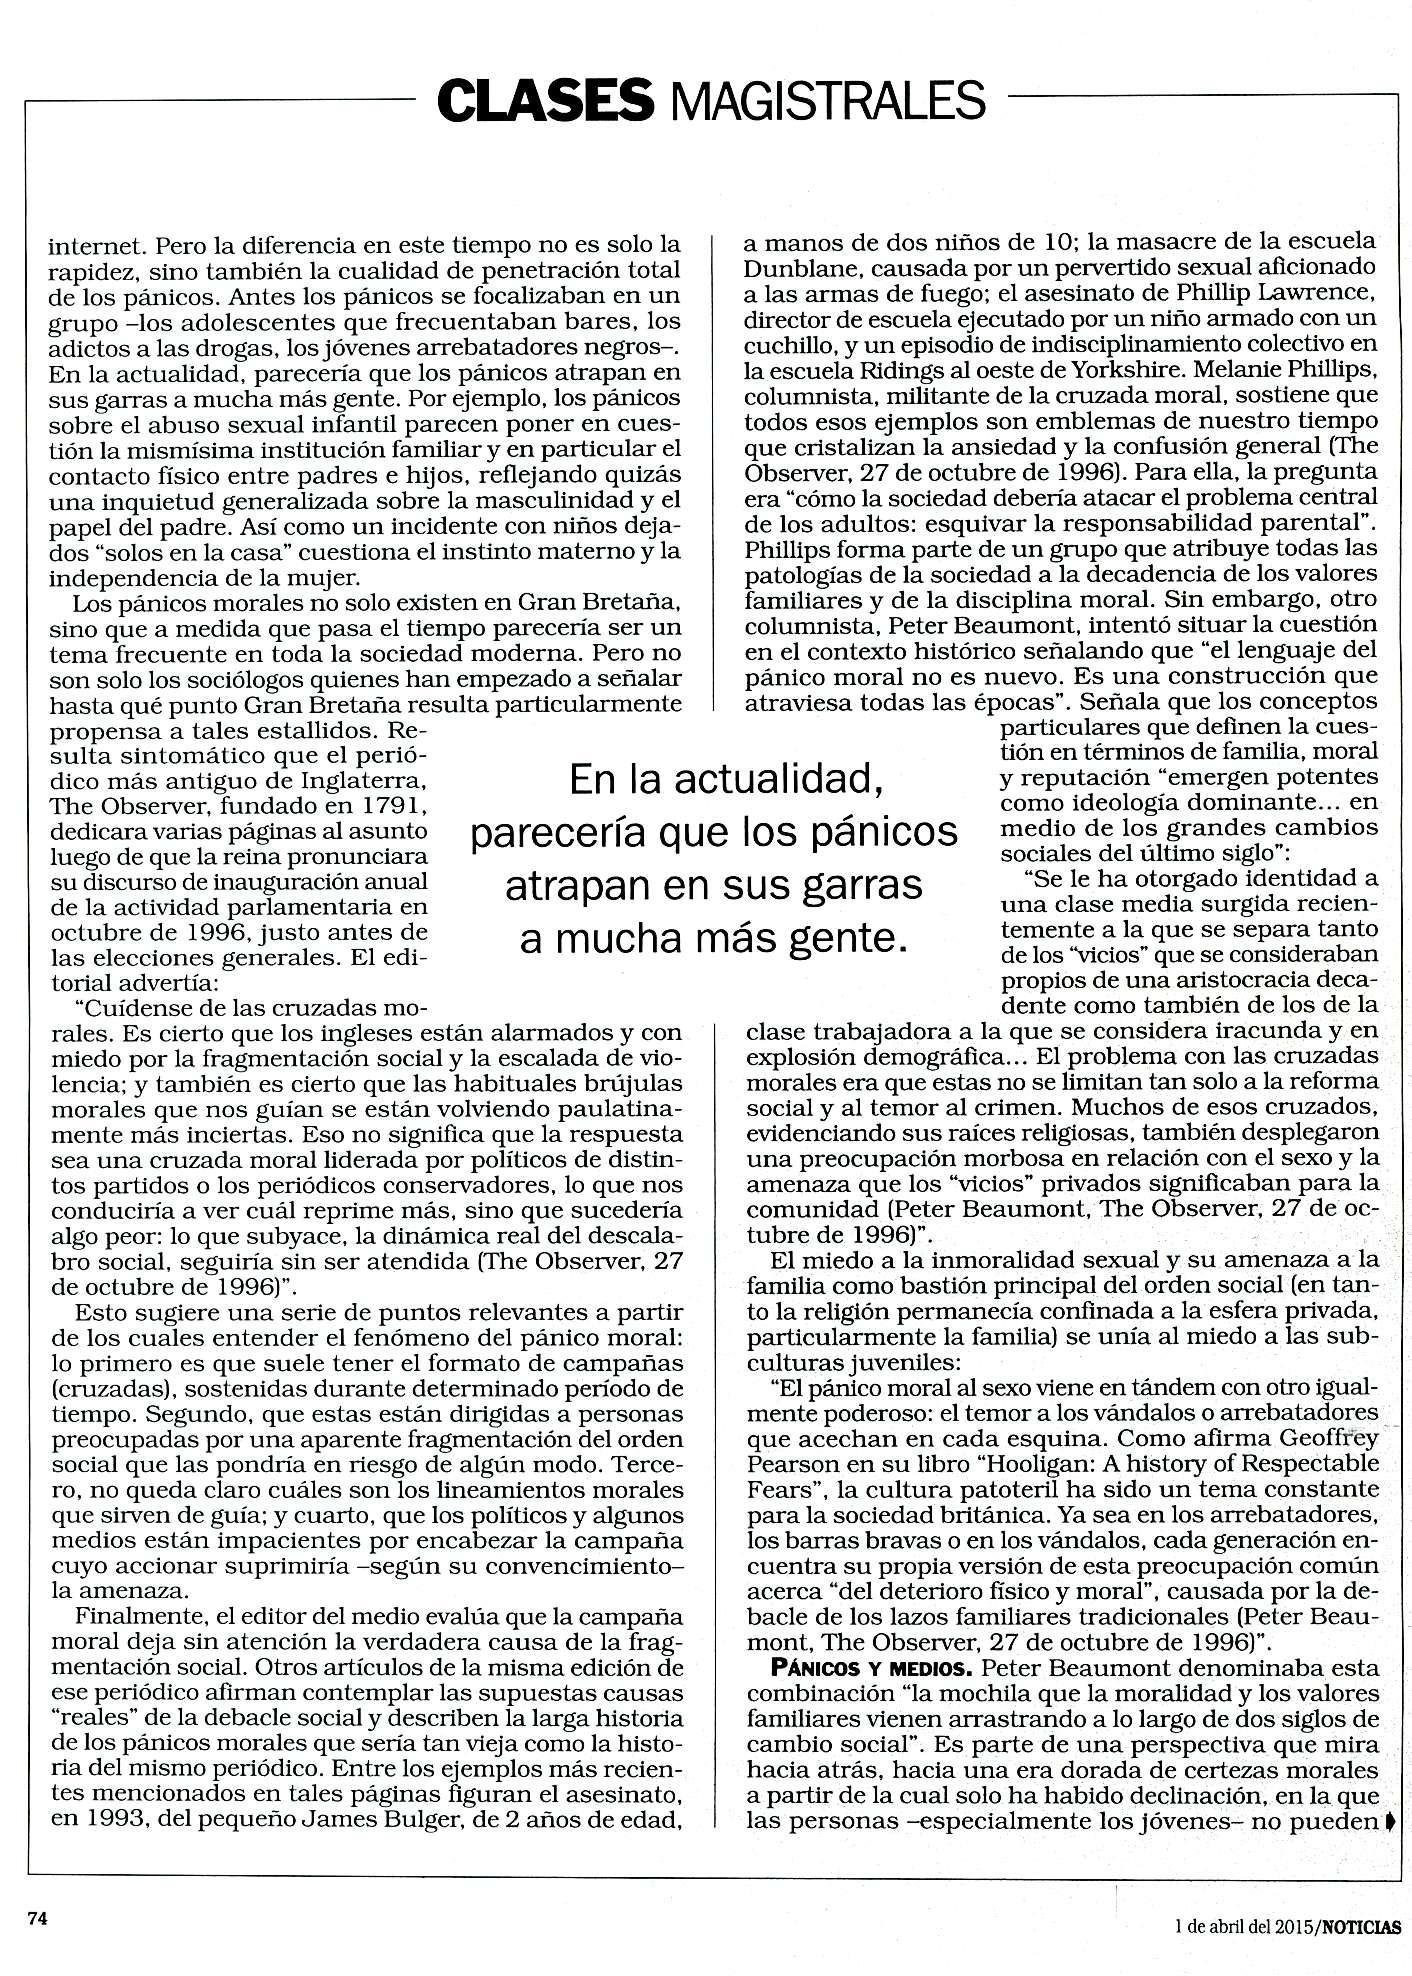 NOTICIAS, 1 DE ABR.2